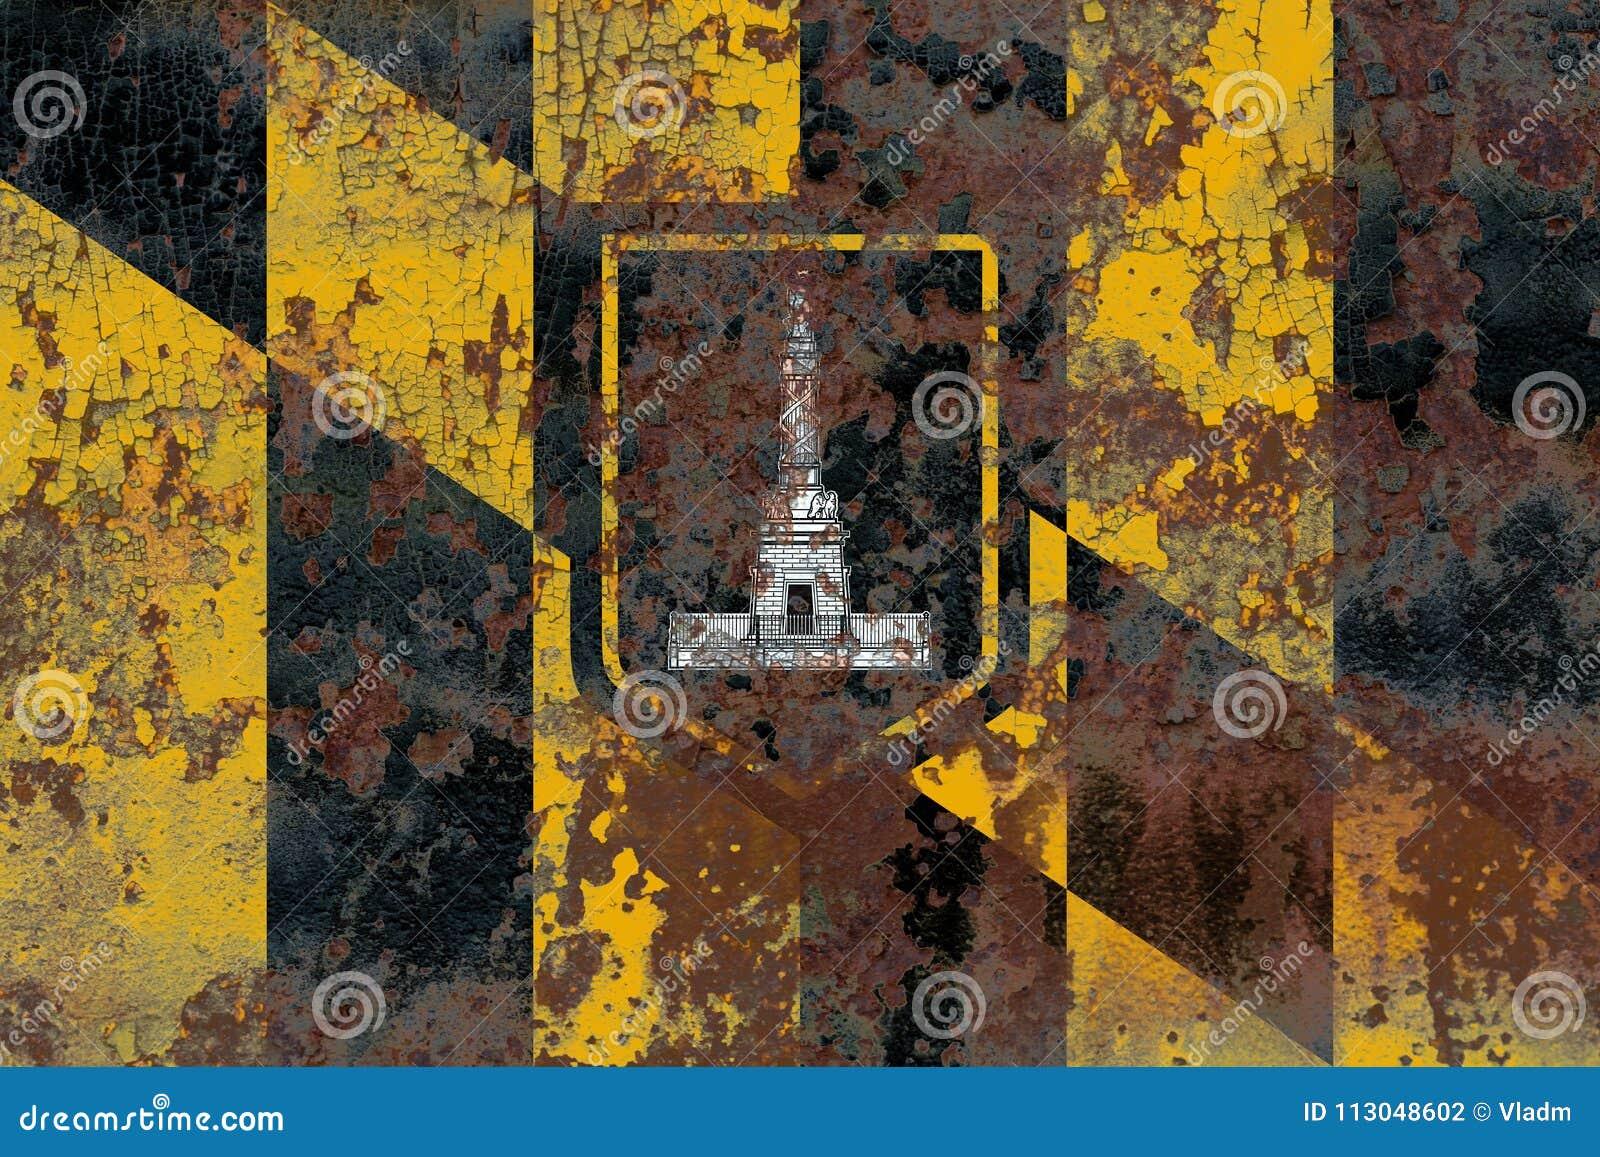 Bandeira do fumo da cidade de Baltimore, estado de Maryland, Estados Unidos de Amer